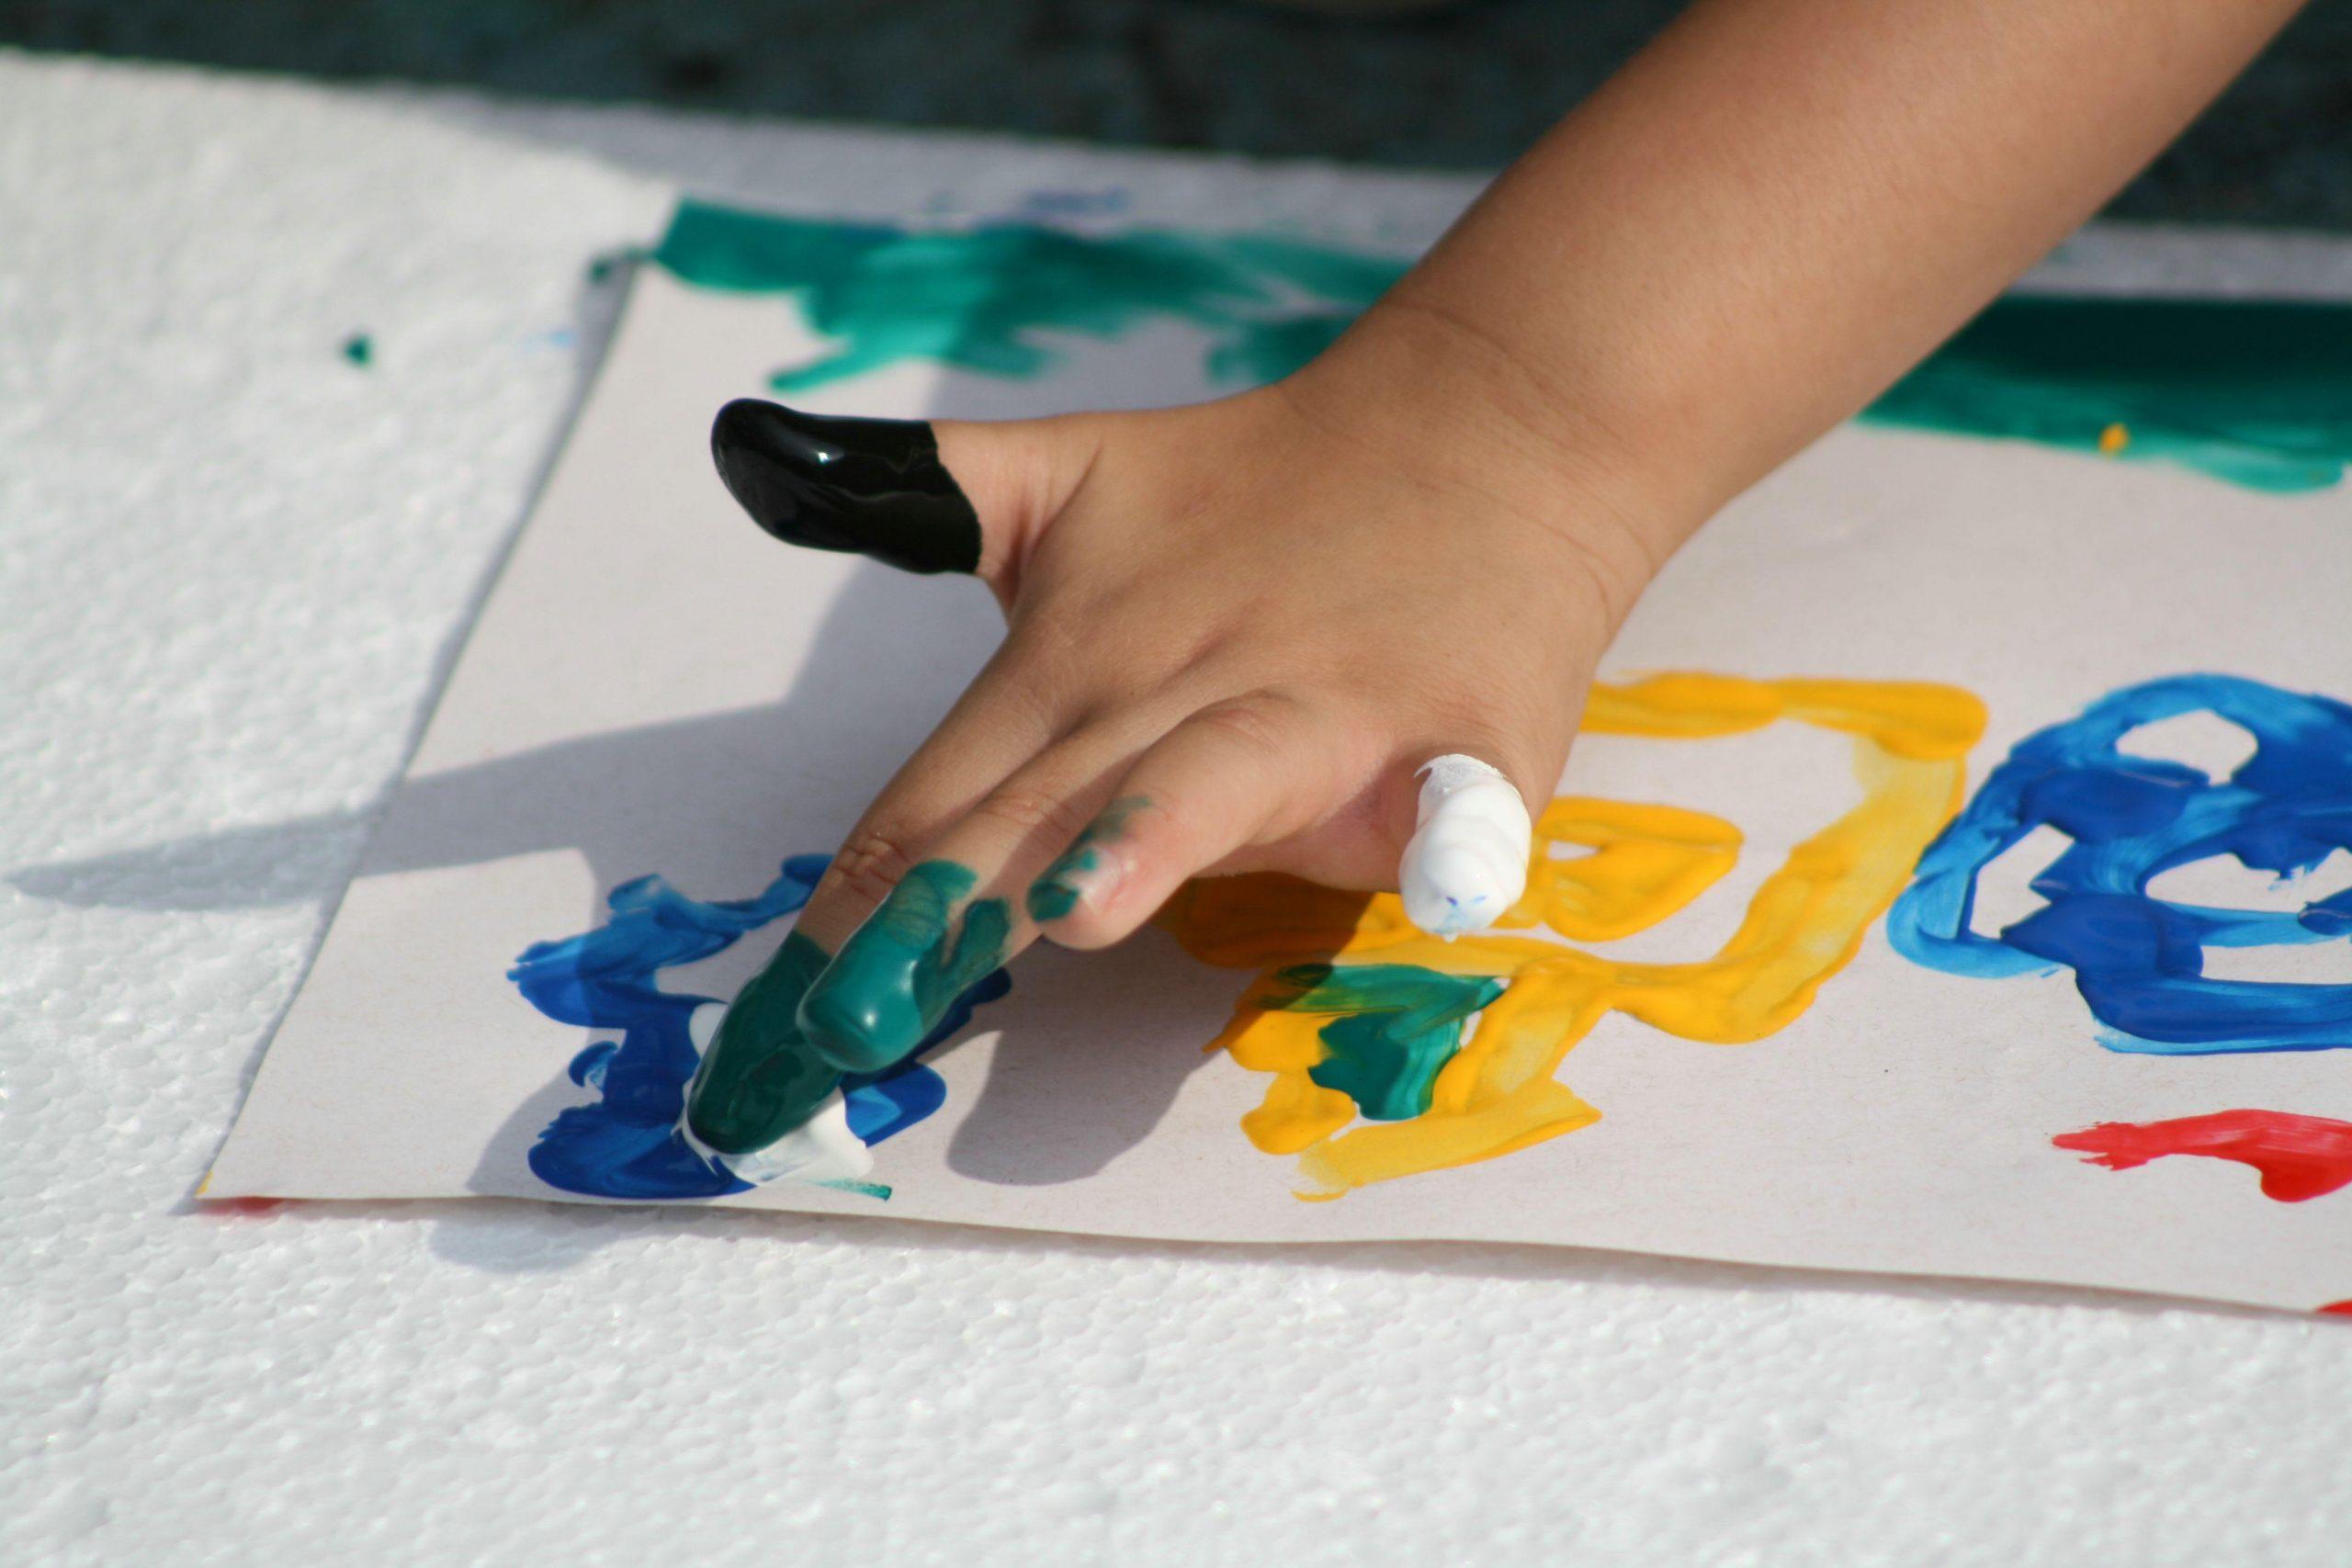 Le Top 10 Des Activités Manuelles Pour Les Enfants encequiconcerne Activité Simple A Faire